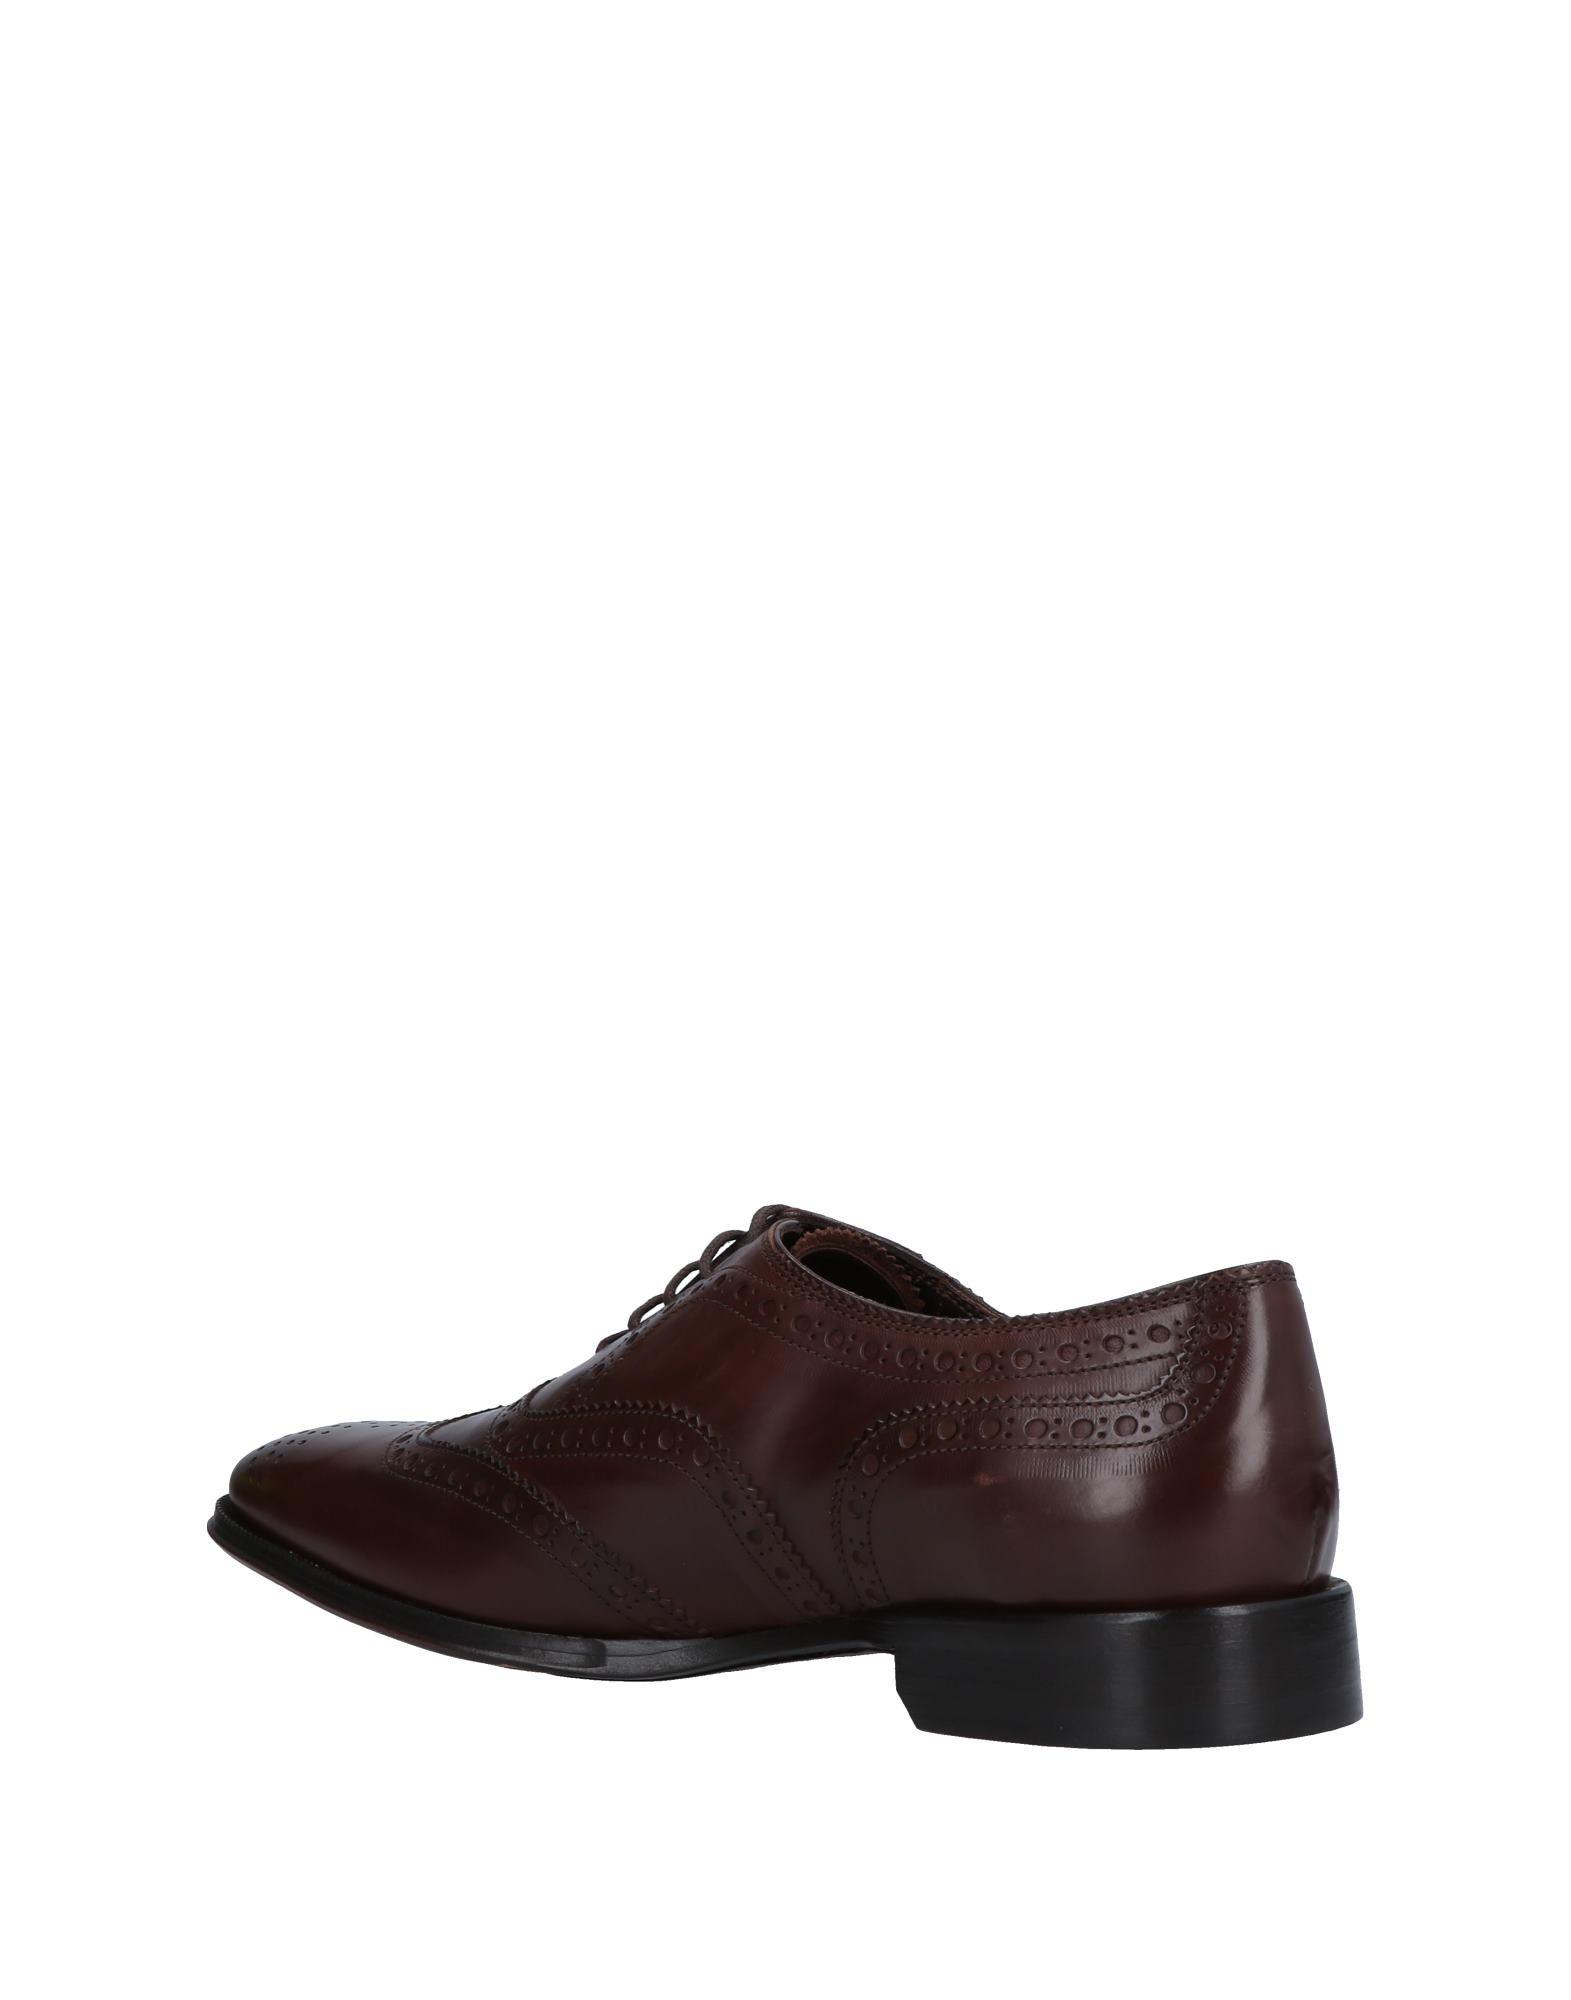 Vivienne Westwood Schnürschuhe Herren  11521537UP Gute Gute Gute Qualität beliebte Schuhe a914e2